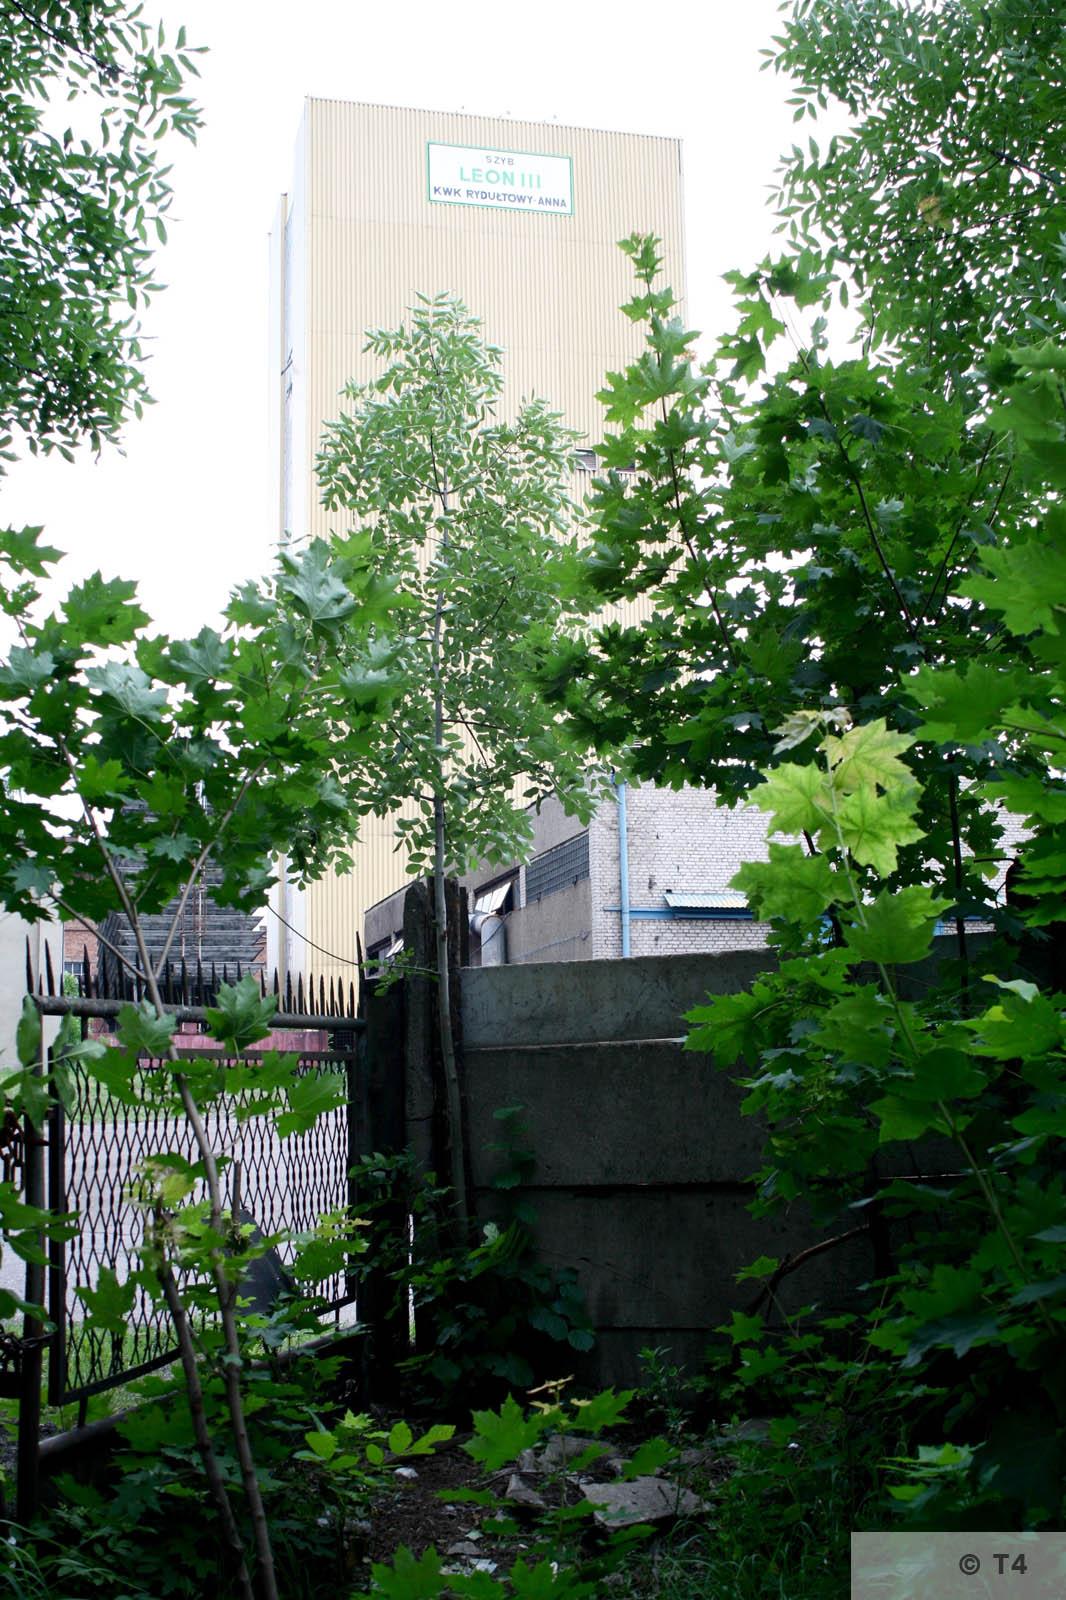 Leon III shaft. 2007 T4 9166